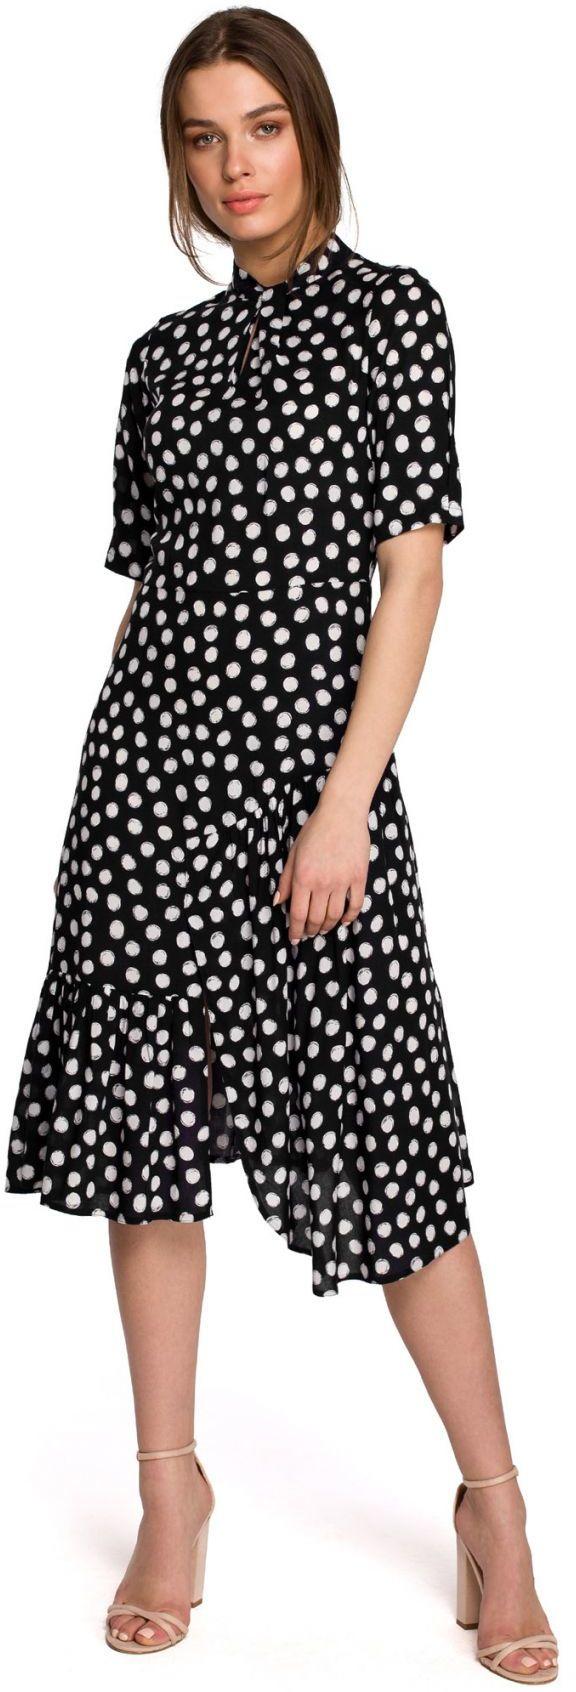 S263 Sukienka ze stójką i falbaną na dole - czarna